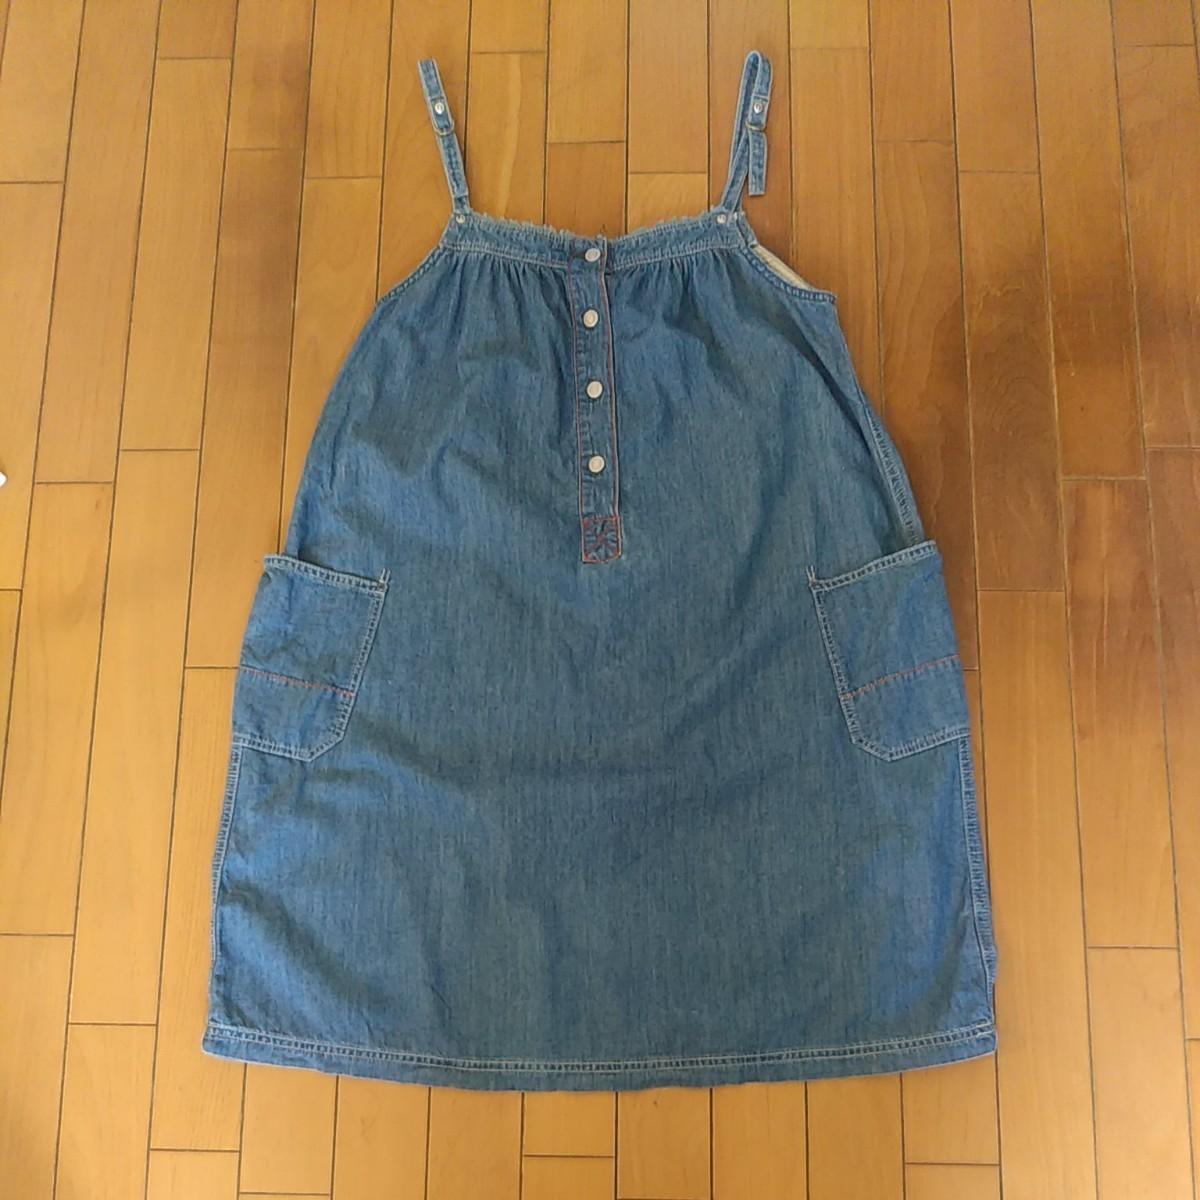 レディースデニムワンピース、Tシャツ、2点セット、Mサイズ